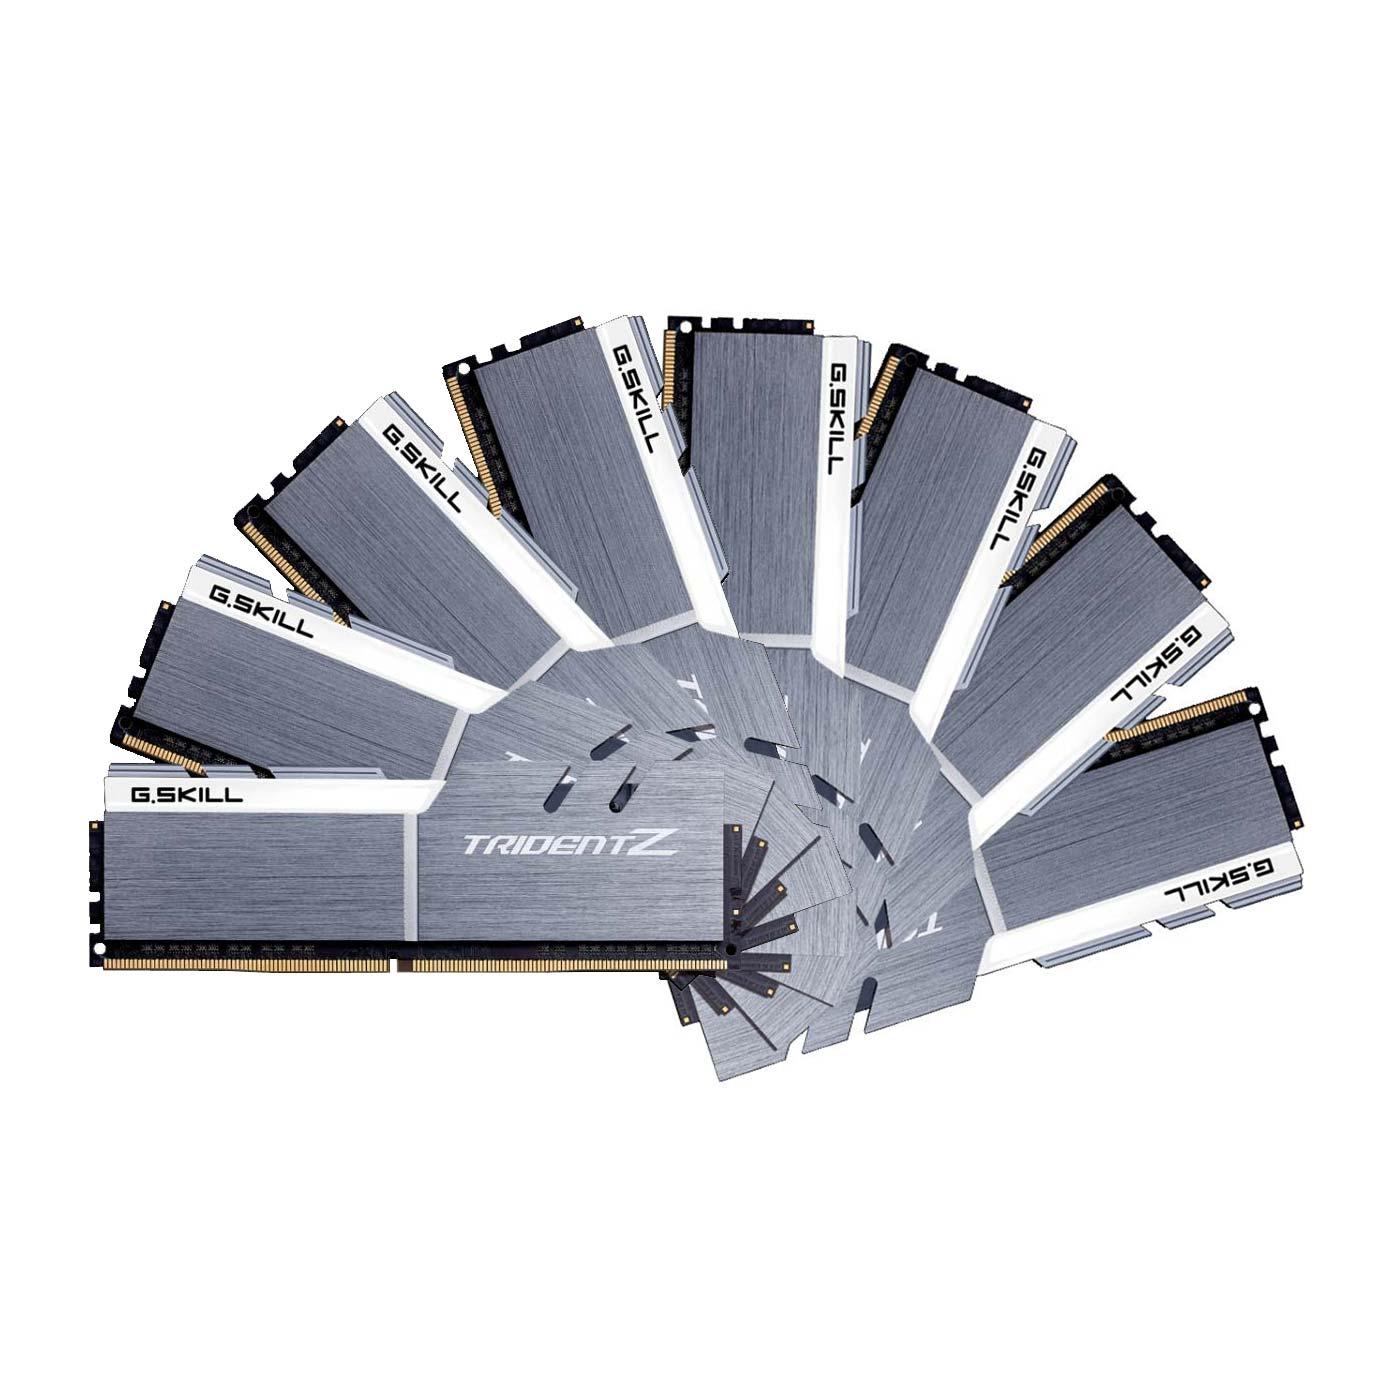 Mémoire PC G.Skill Trident Z 64 Go (8x 8 Go) DDR4 3200 MHz CL16 Kit Quad Channel 8 barrettes de RAM DDR4 PC4-25600 - F4-3200C16Q2-64GTZSW - Blanc et argent